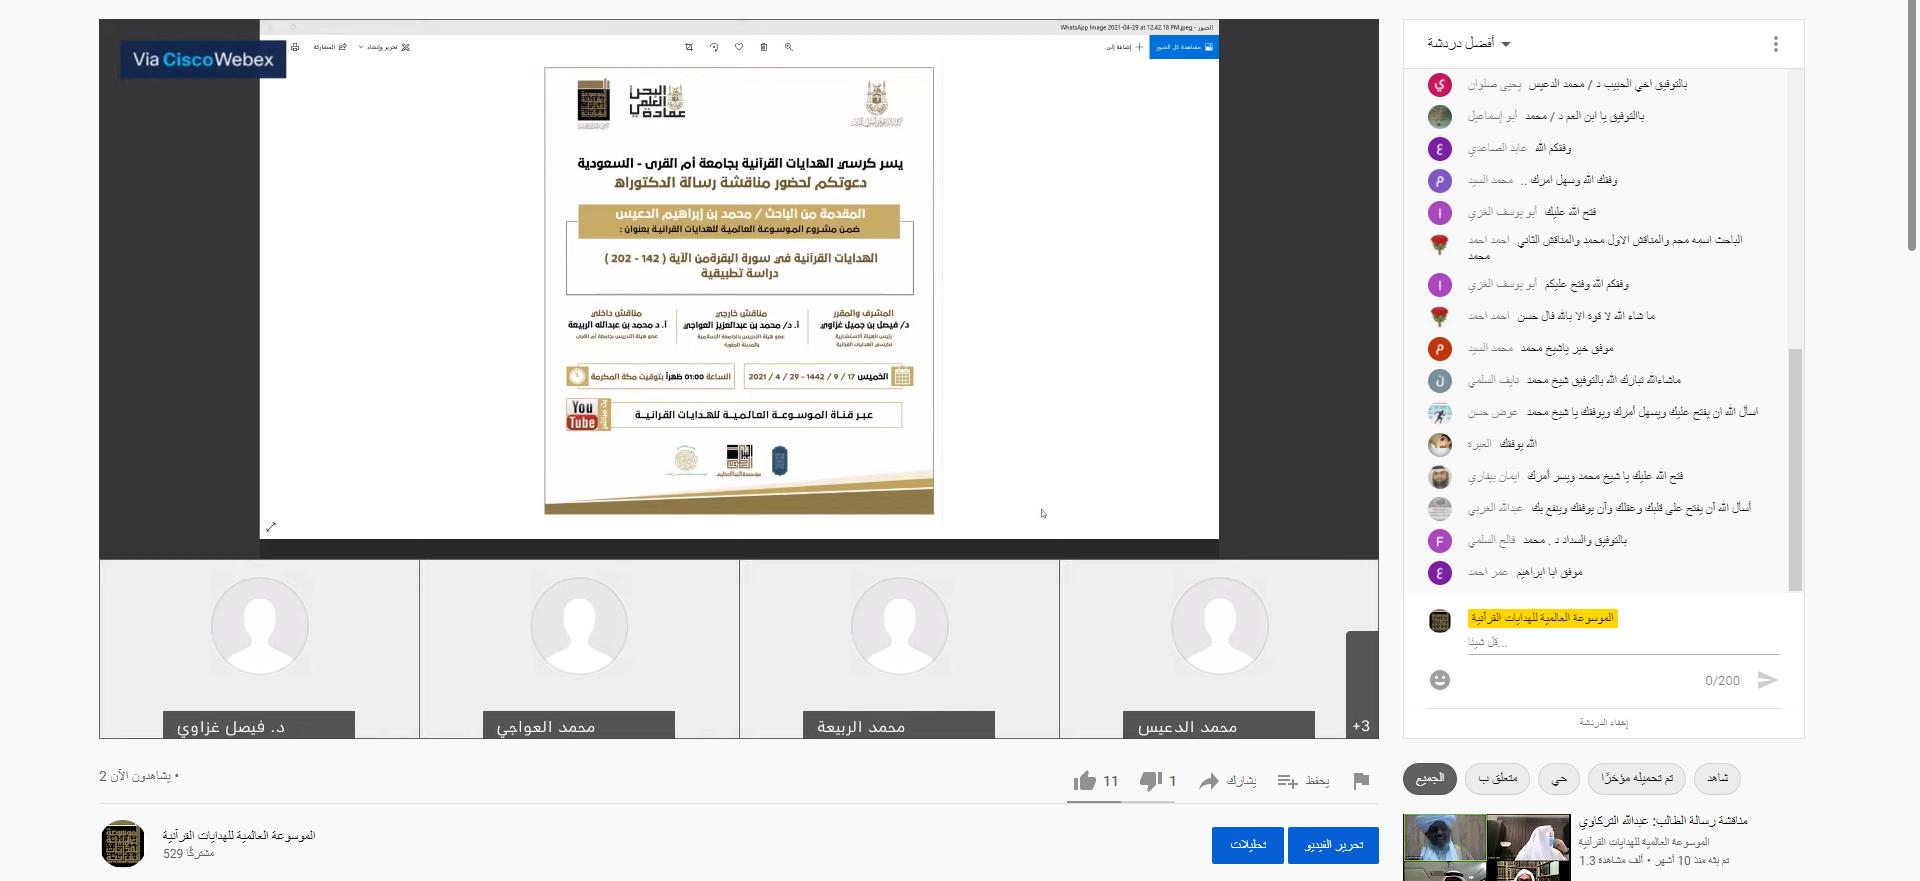 خبر اعلامي : اتمام مناقشة د/ محمد بن ابراهيم الدعيس